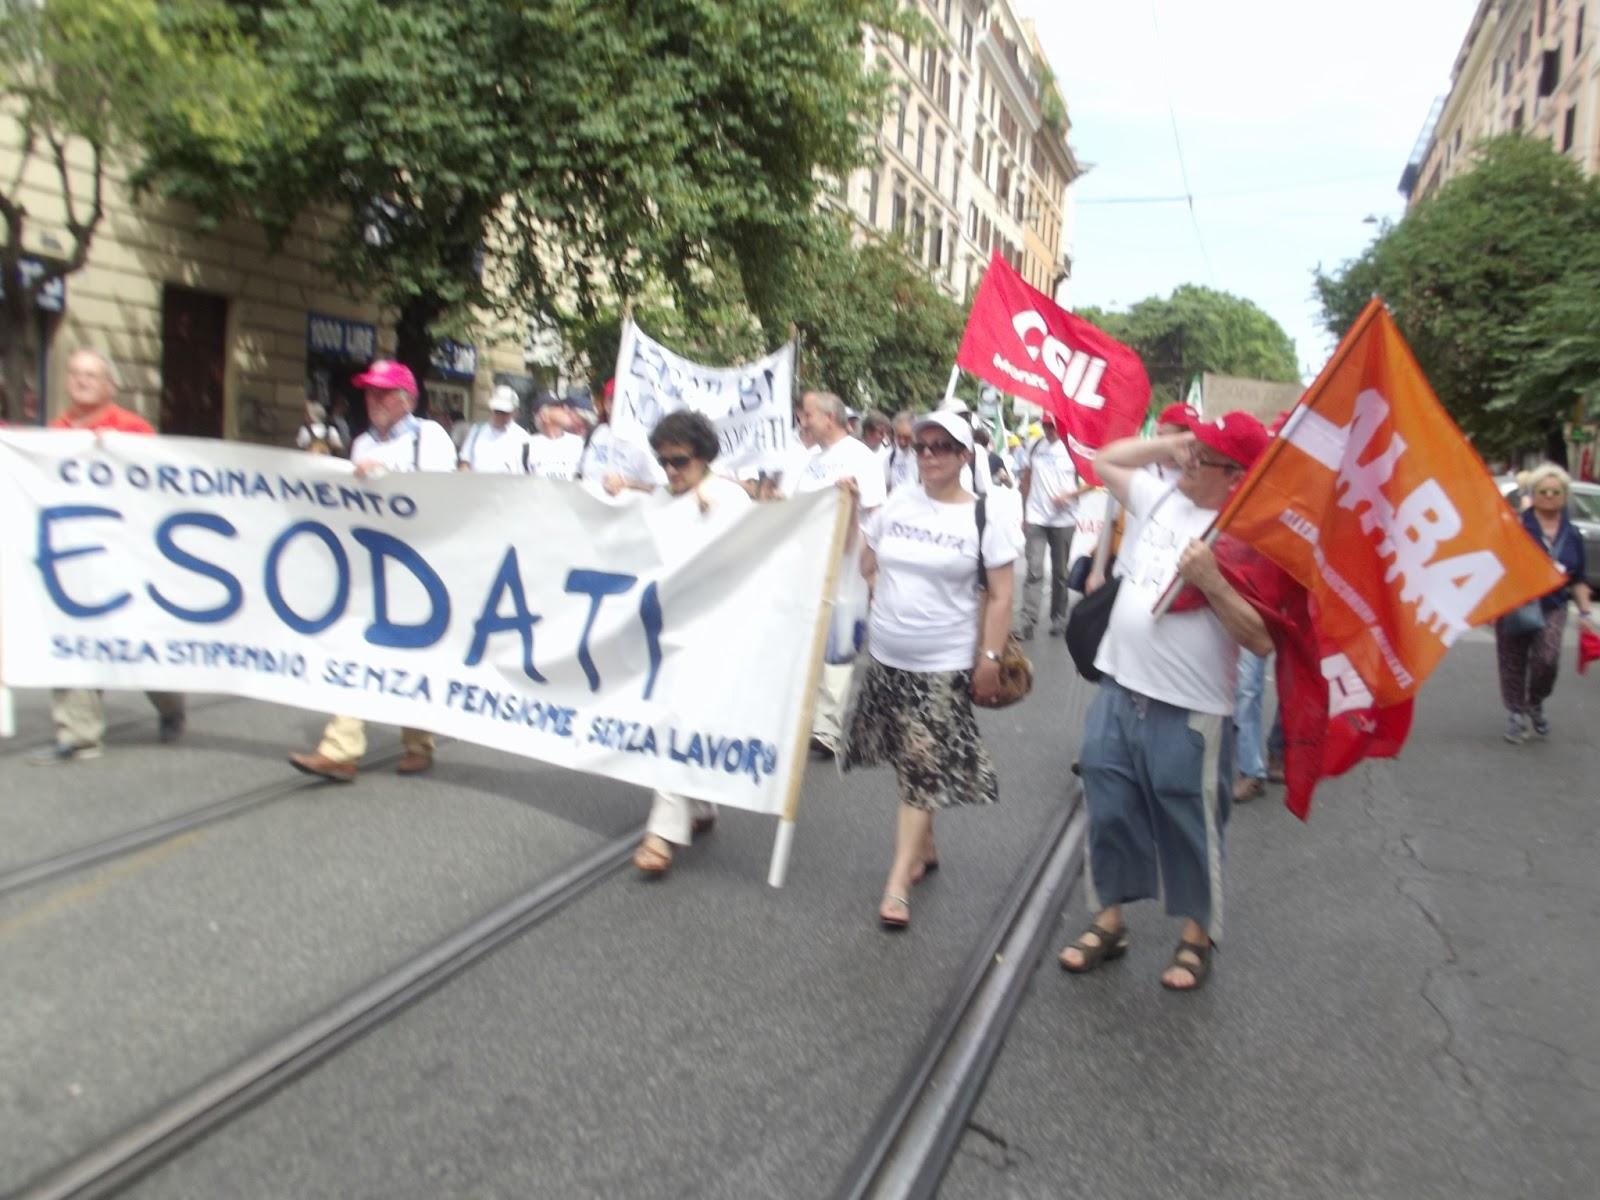 La manifestazione vista dal TG3 delle 14 20 di sabato 22 6 2013